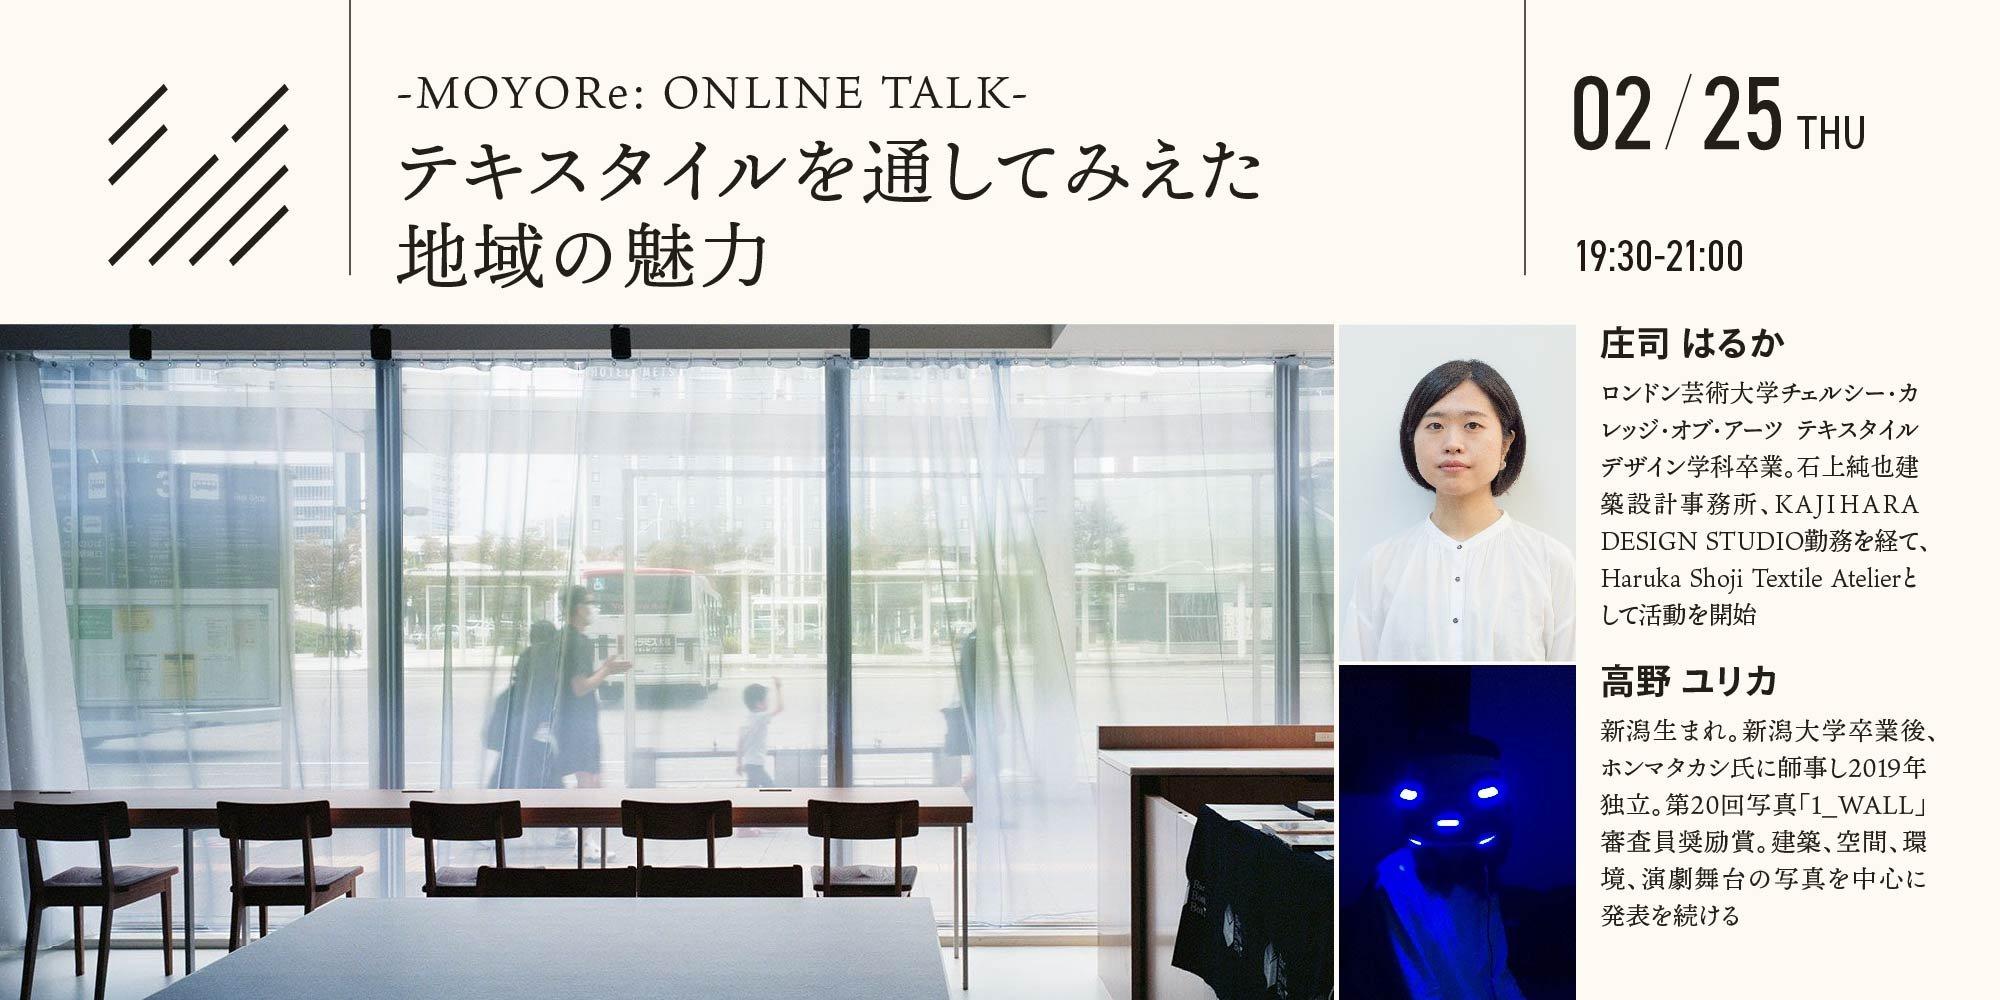 テキスタイルを通してみえた地域の魅力  -MOYORe: ONLINE TALK-